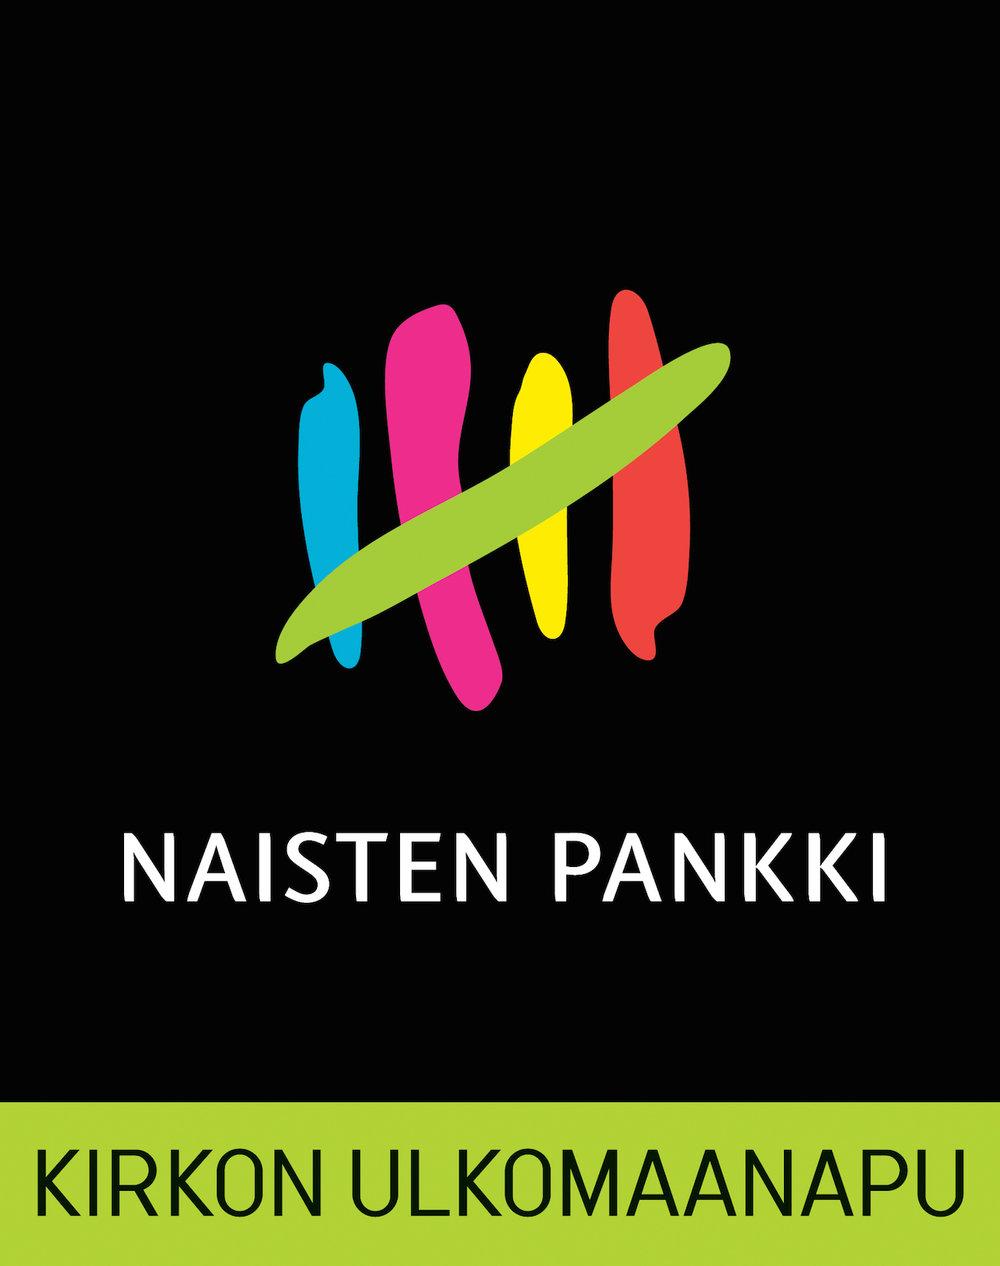 NP logo.jpg